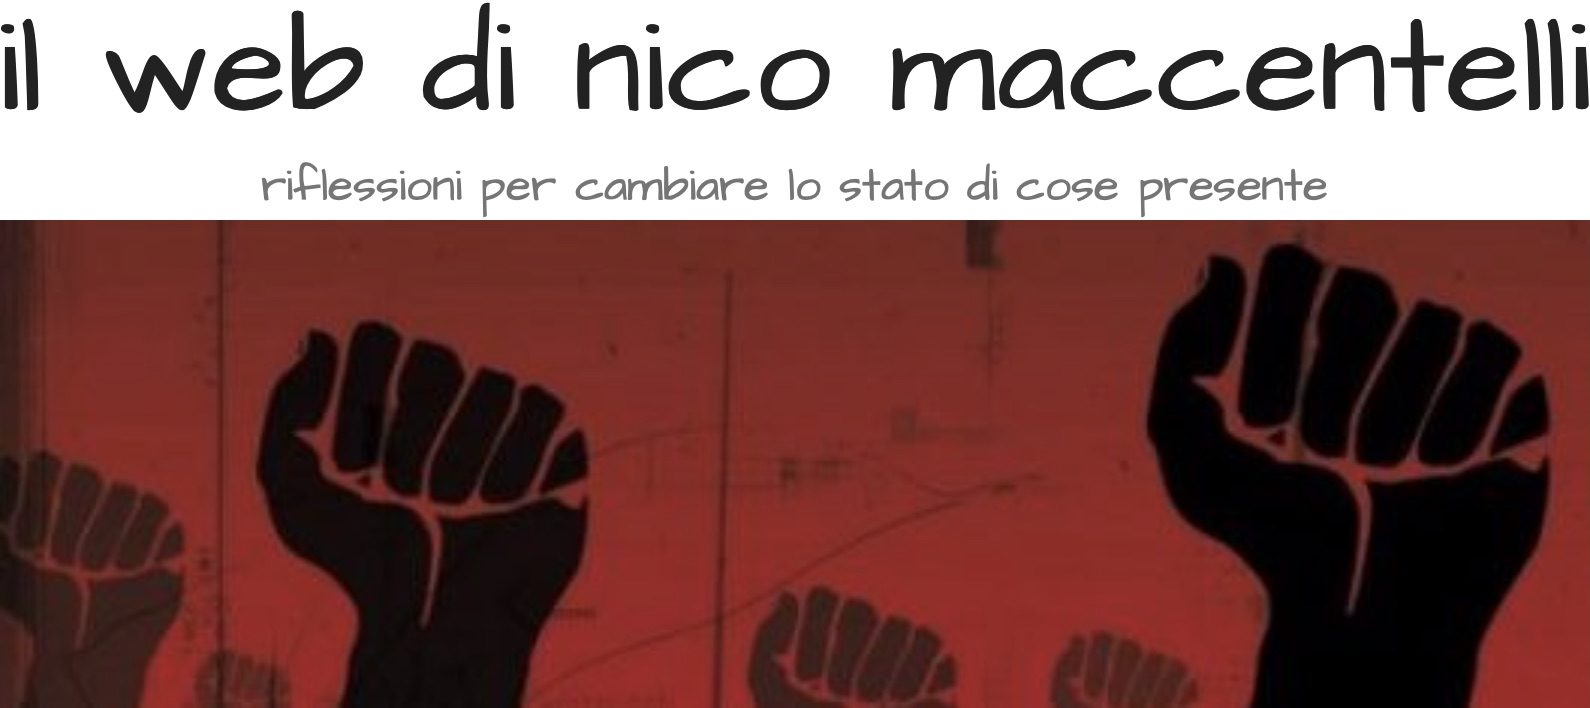 il web di nico maccentelli